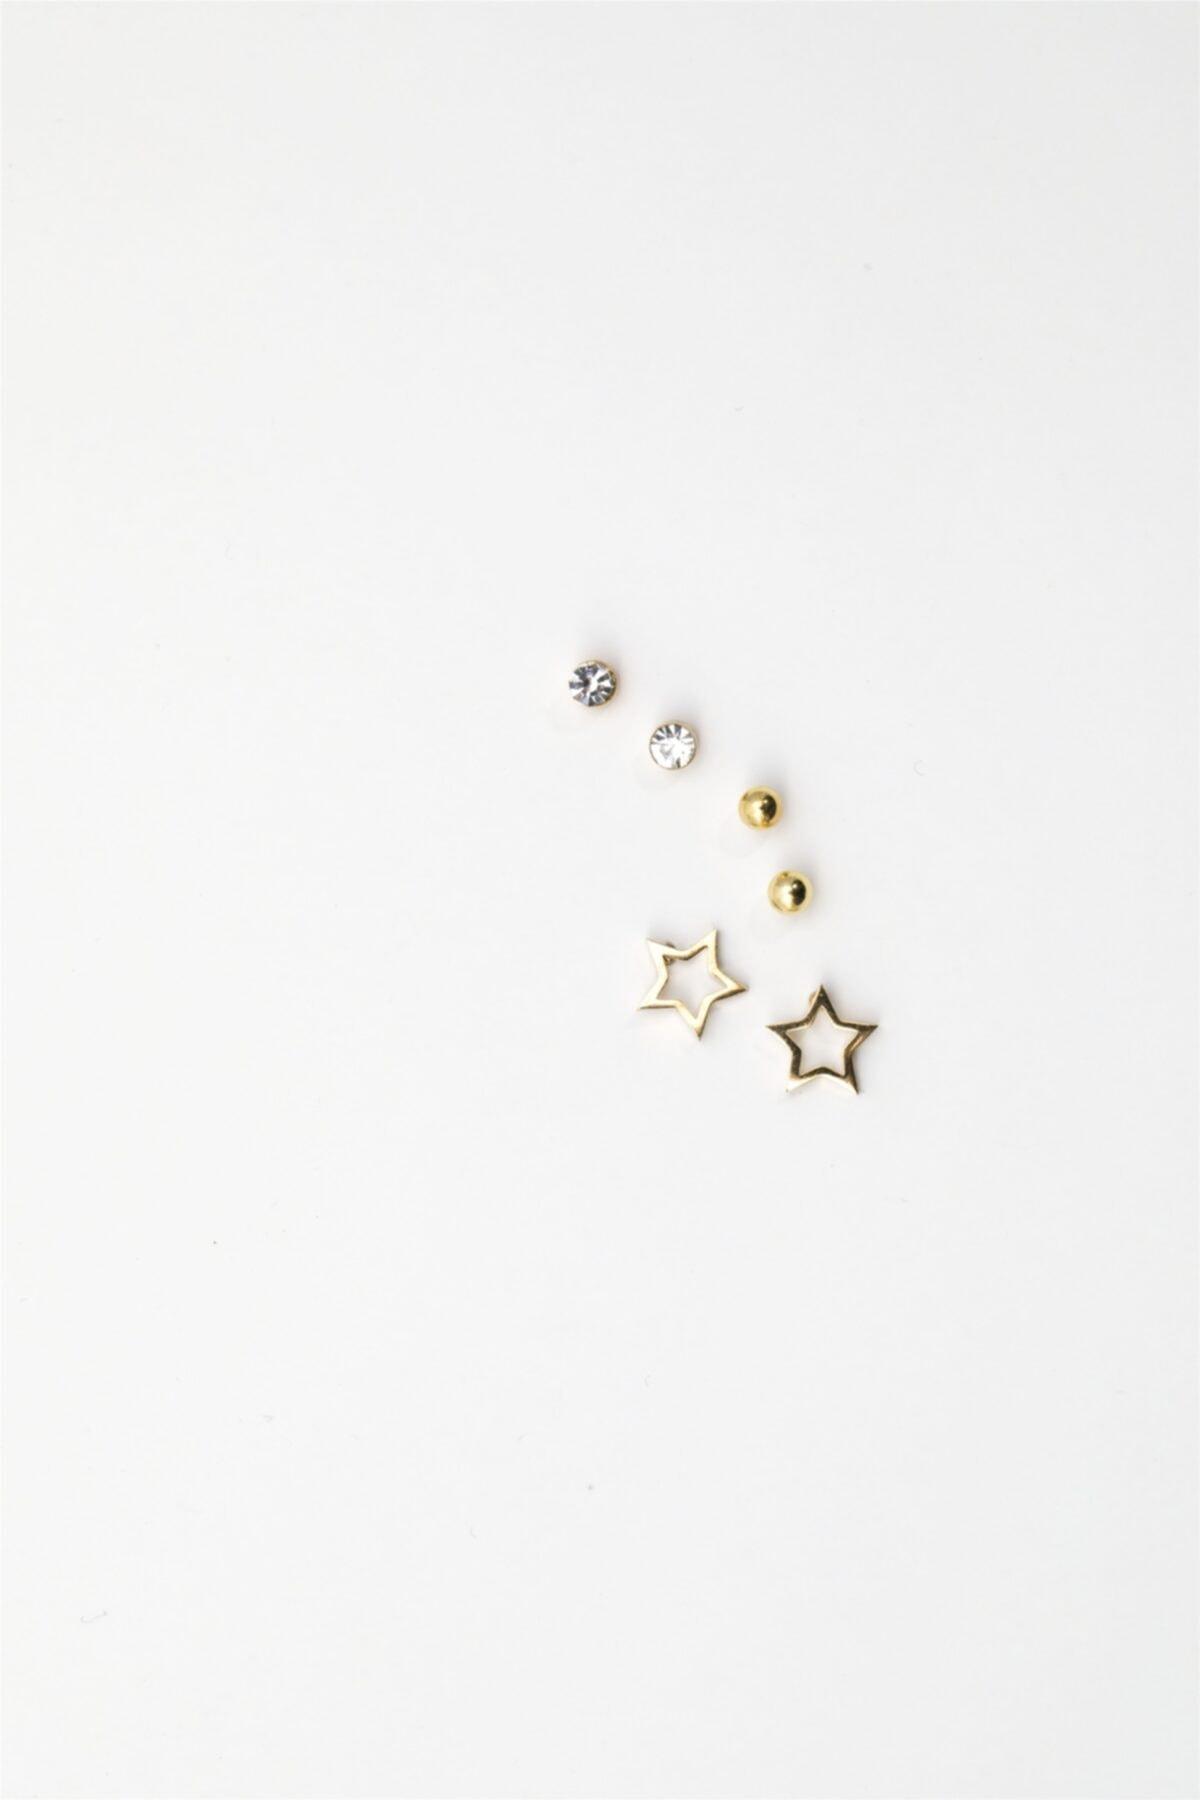 Sortie Aksesuar Yıldız Figürlü Zirkon Taşlı Çoklu Küpe Gold Renk 1